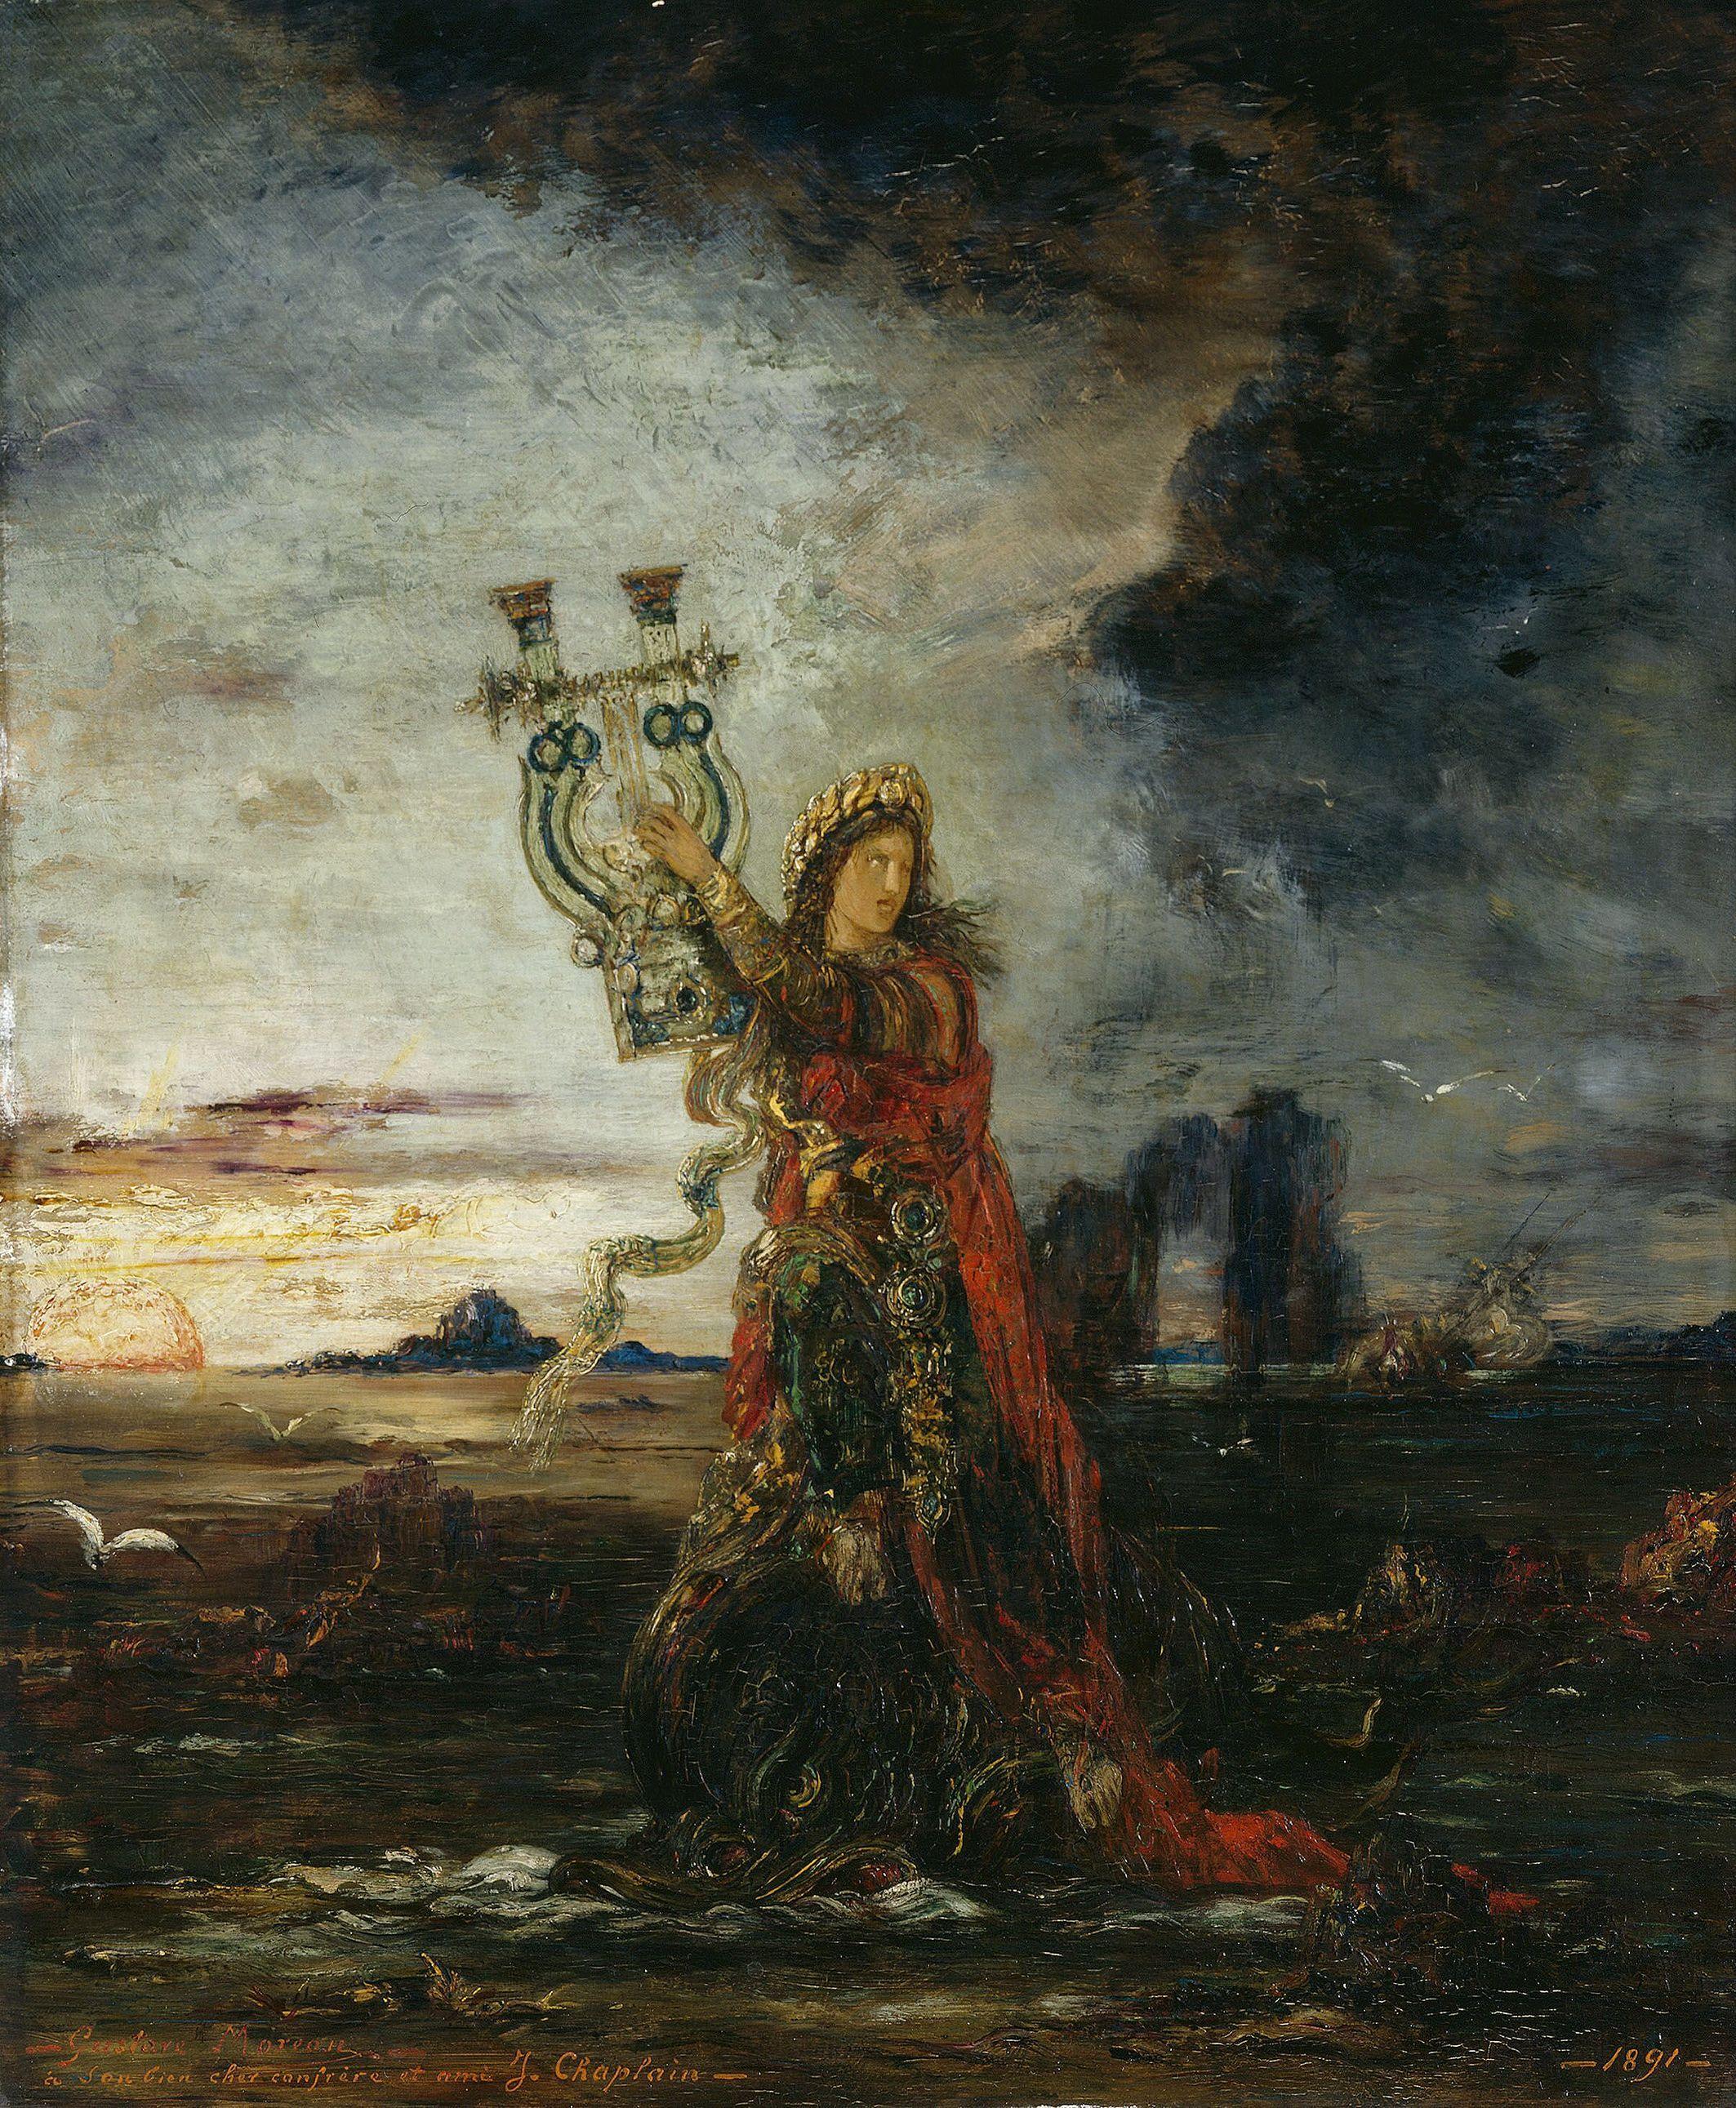 1891_Арион (45.5 х 37 см) (Париж, Петит Палас, Музей современного искусства)